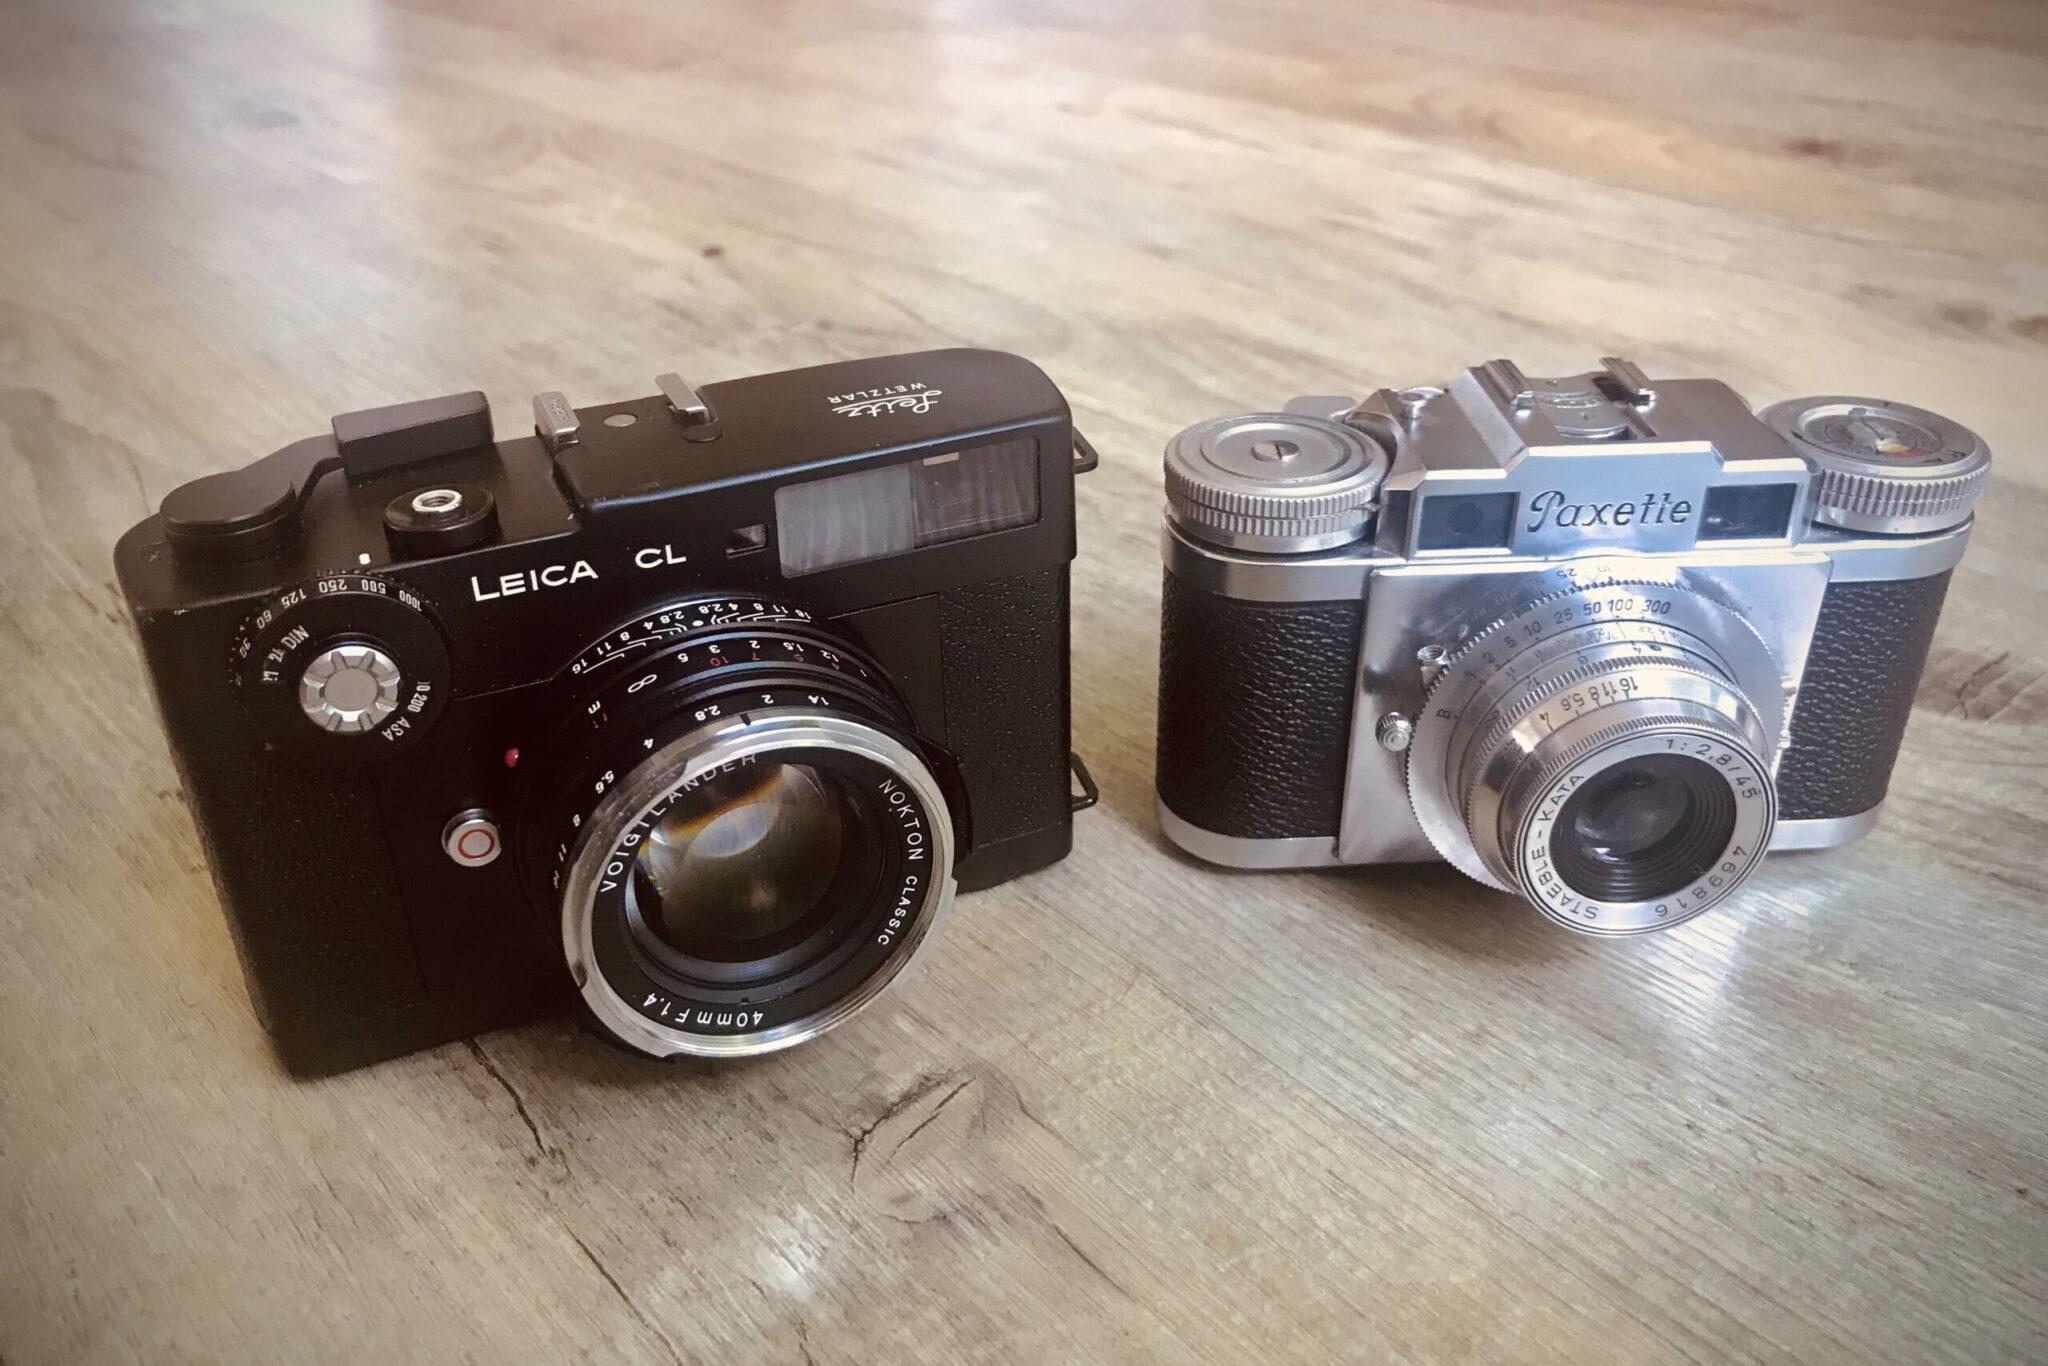 Braun Paxette vs. Leica CL